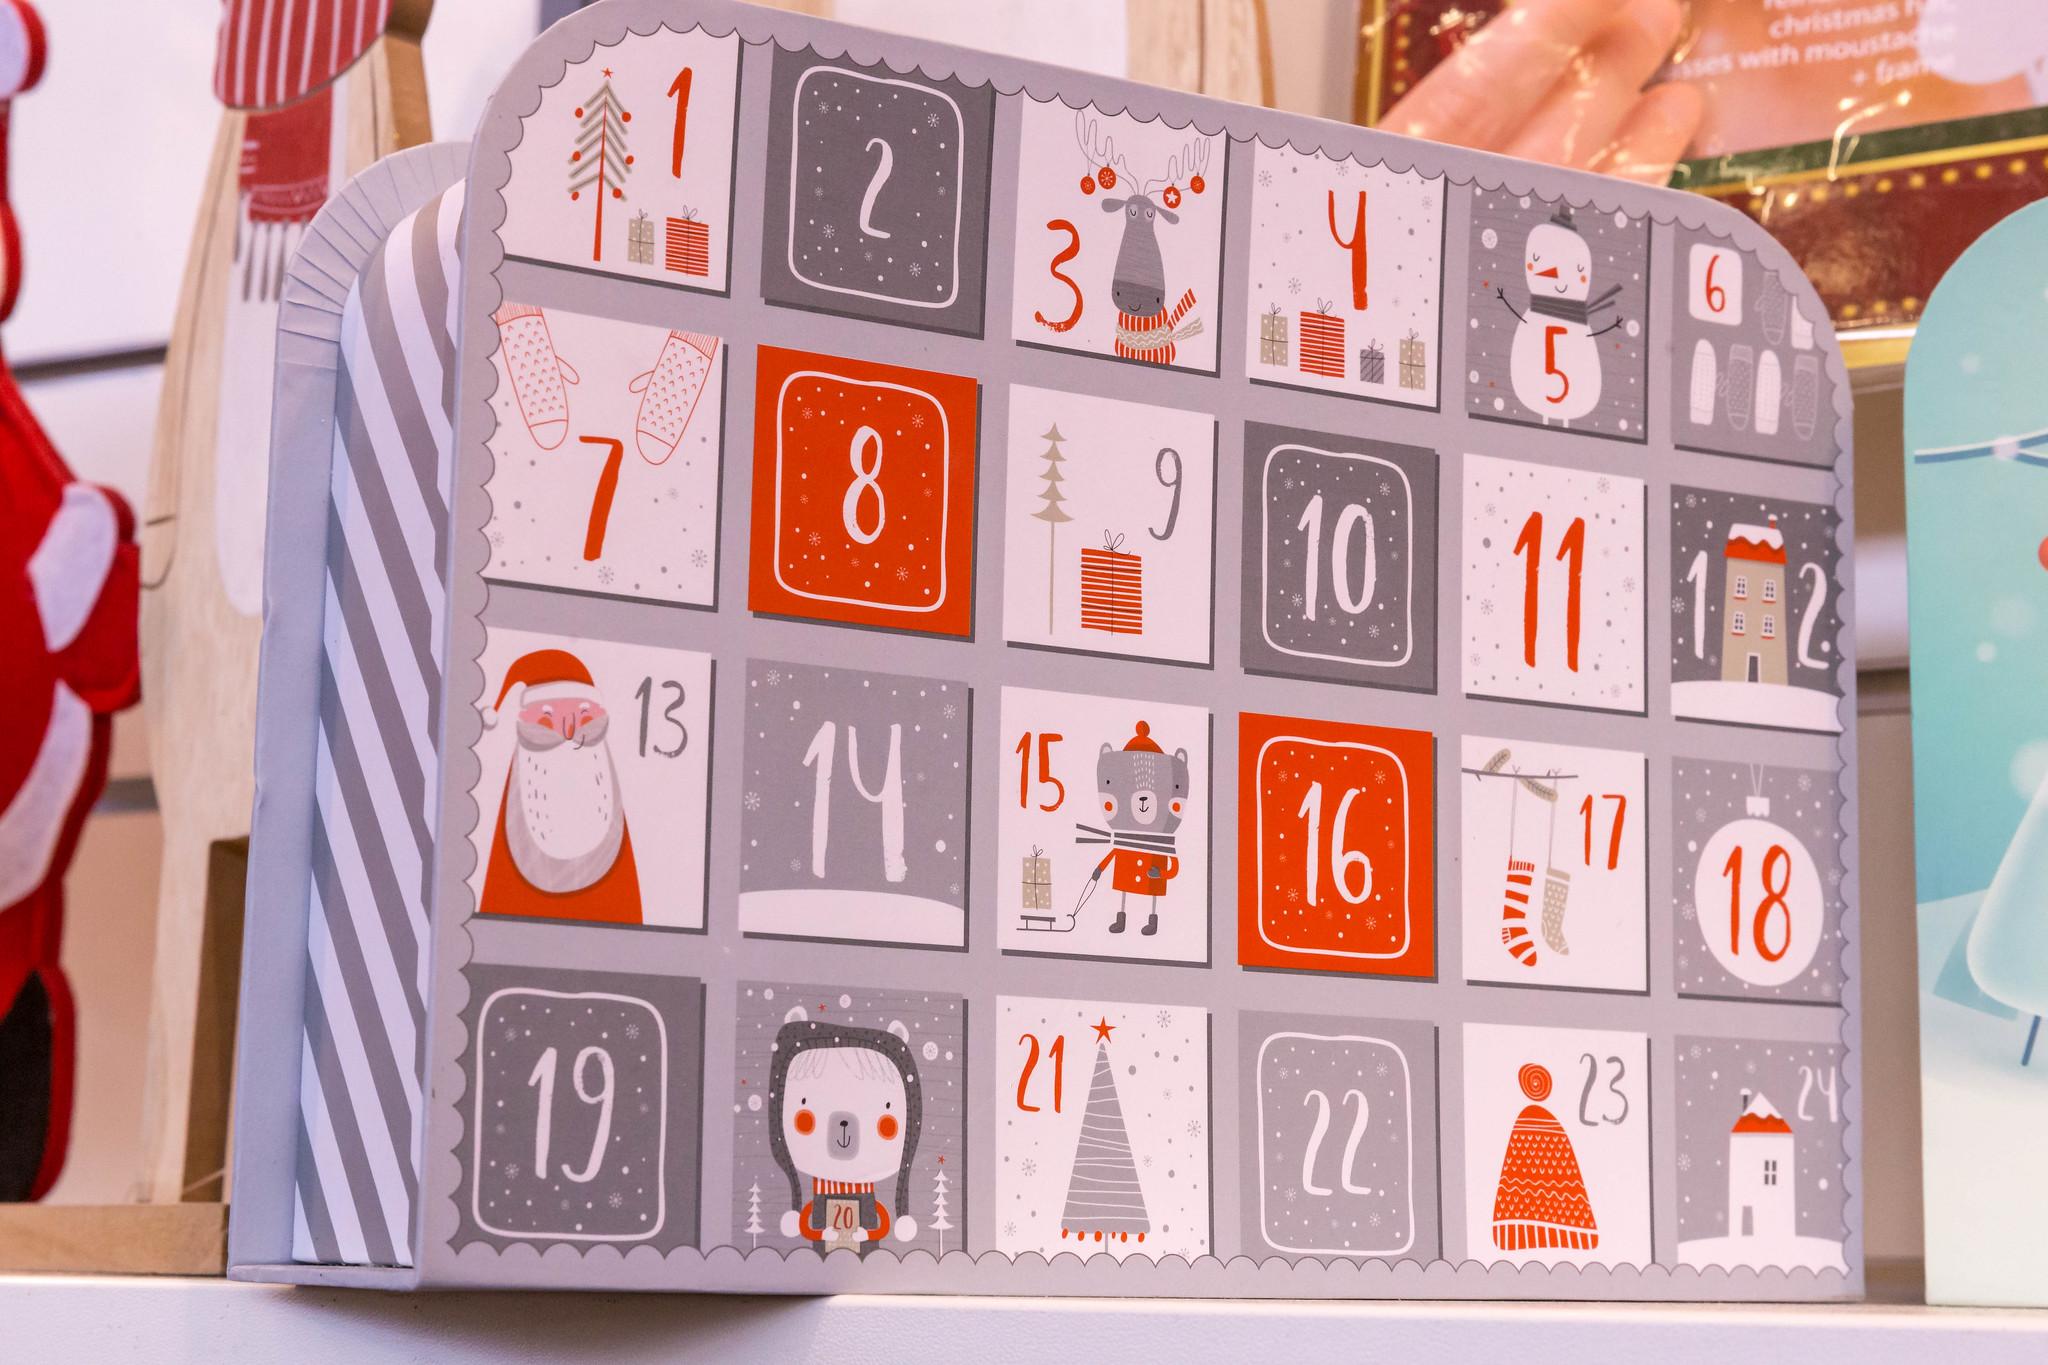 Joulukalenterit Netissä 2021